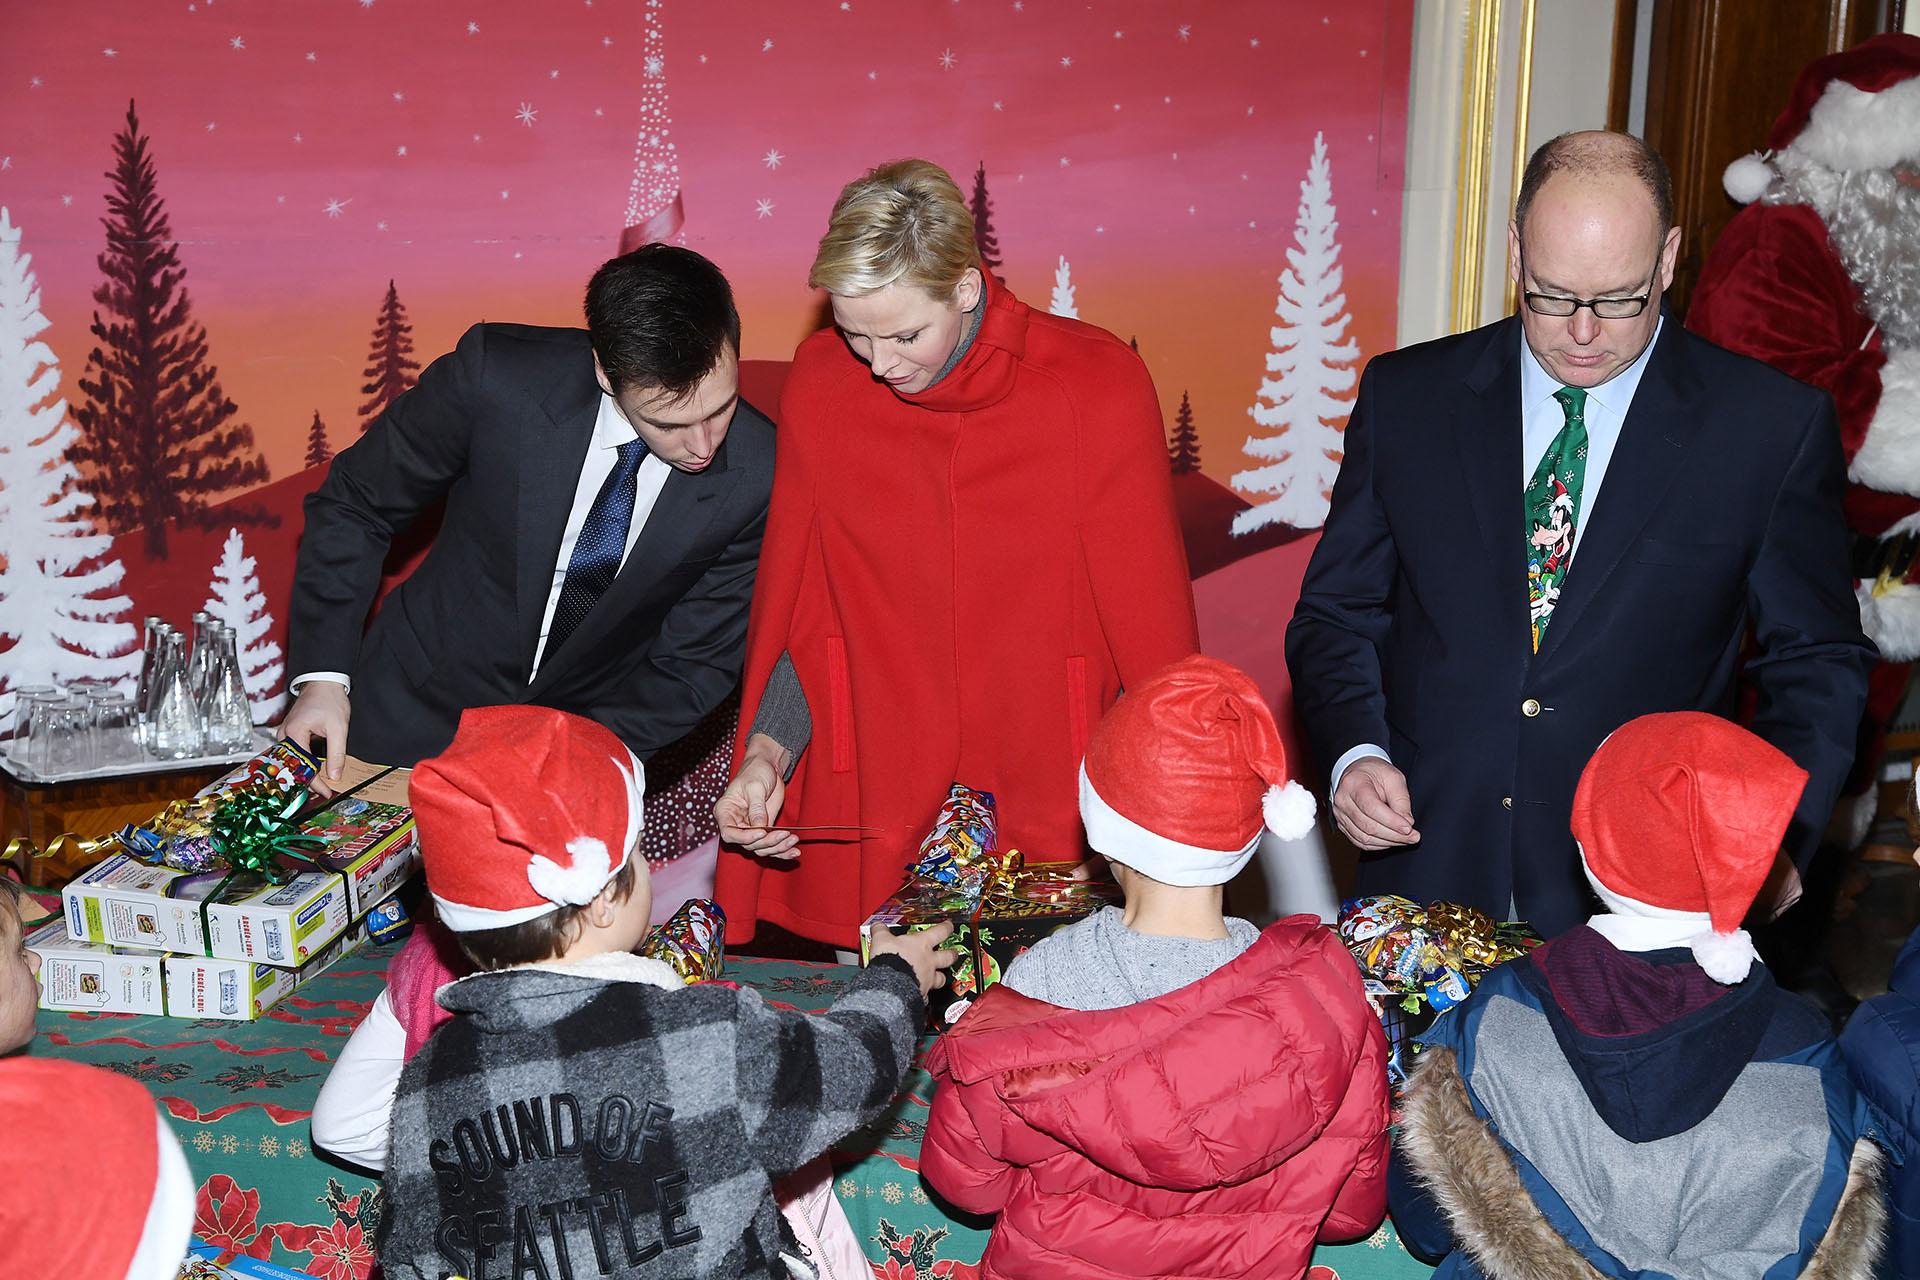 Alberto de Mónaco continúa con la tradición que instaló su madre, la princesa Grace, en 1952: abrir las puertas del palacio para que los niños vivan una gran jornada navideña